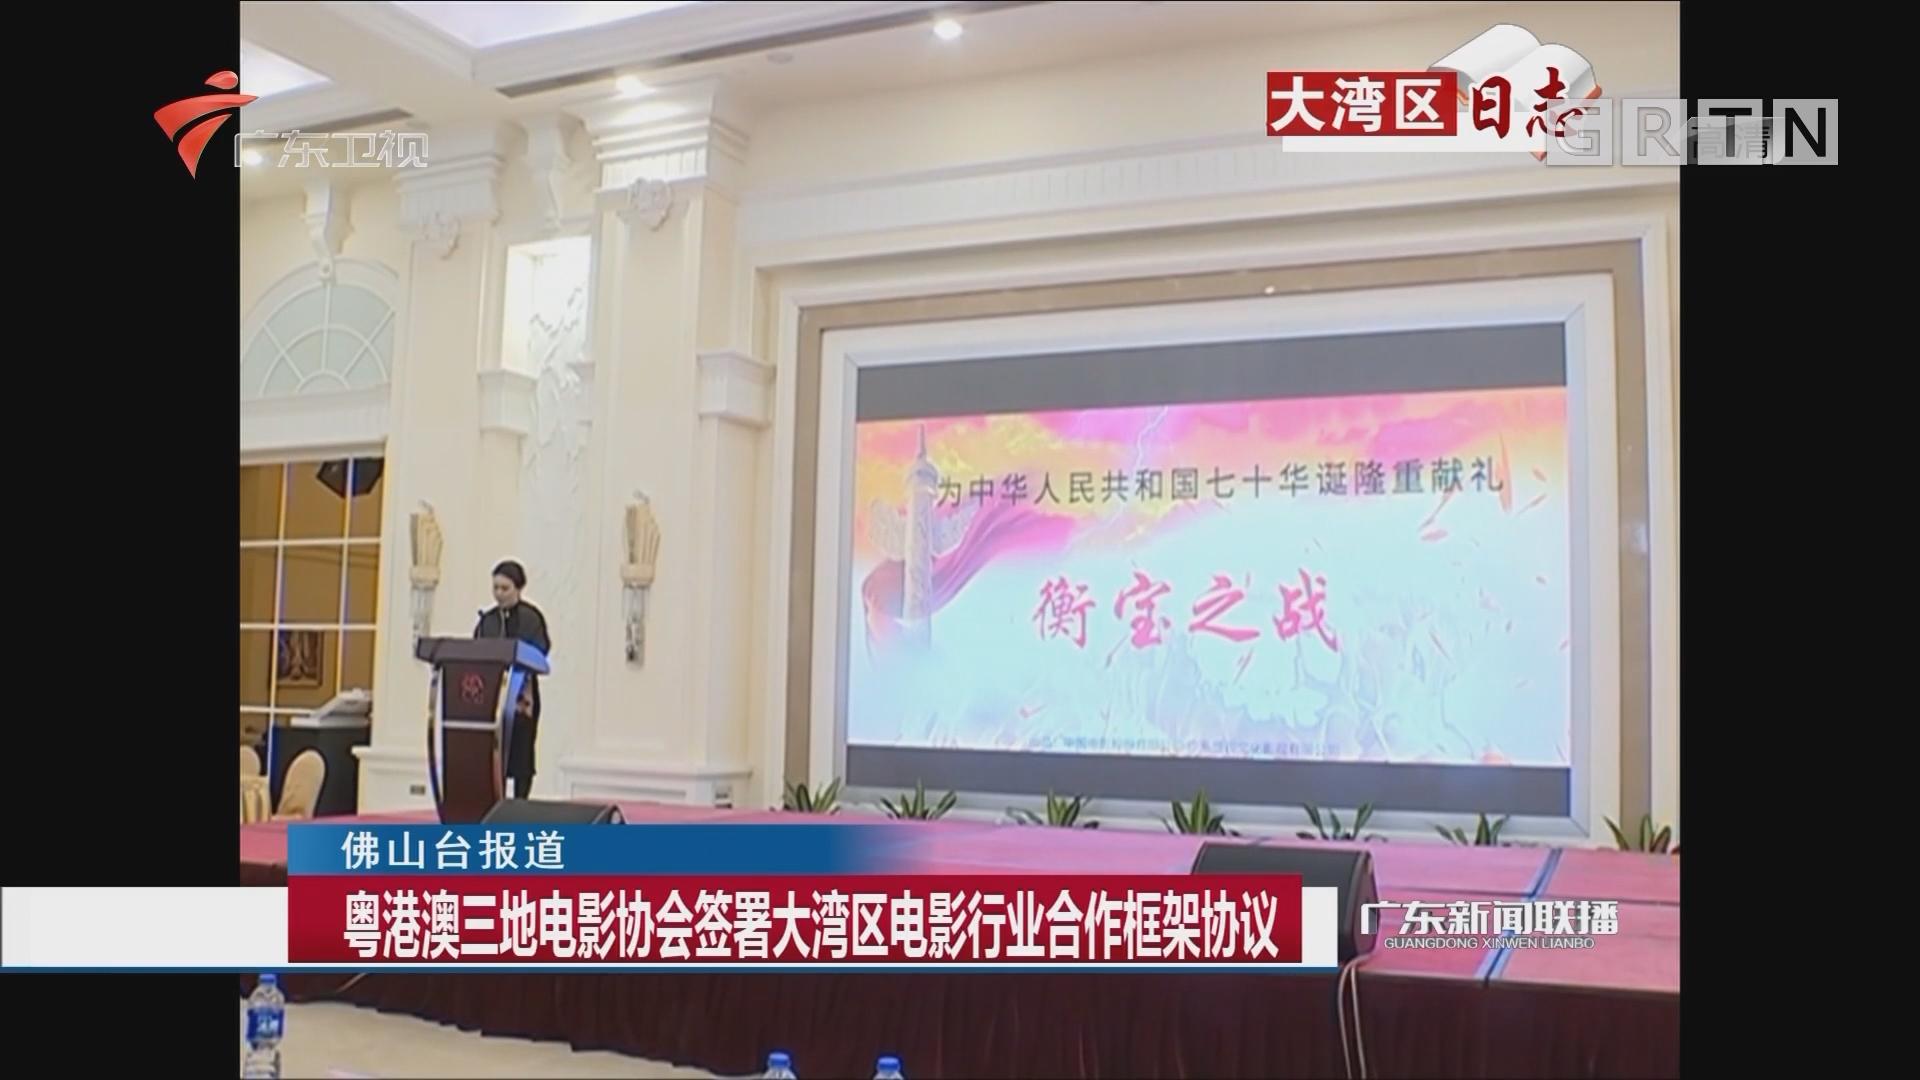 粤港澳三地电影协会签署大湾区电影行业合作框架协议